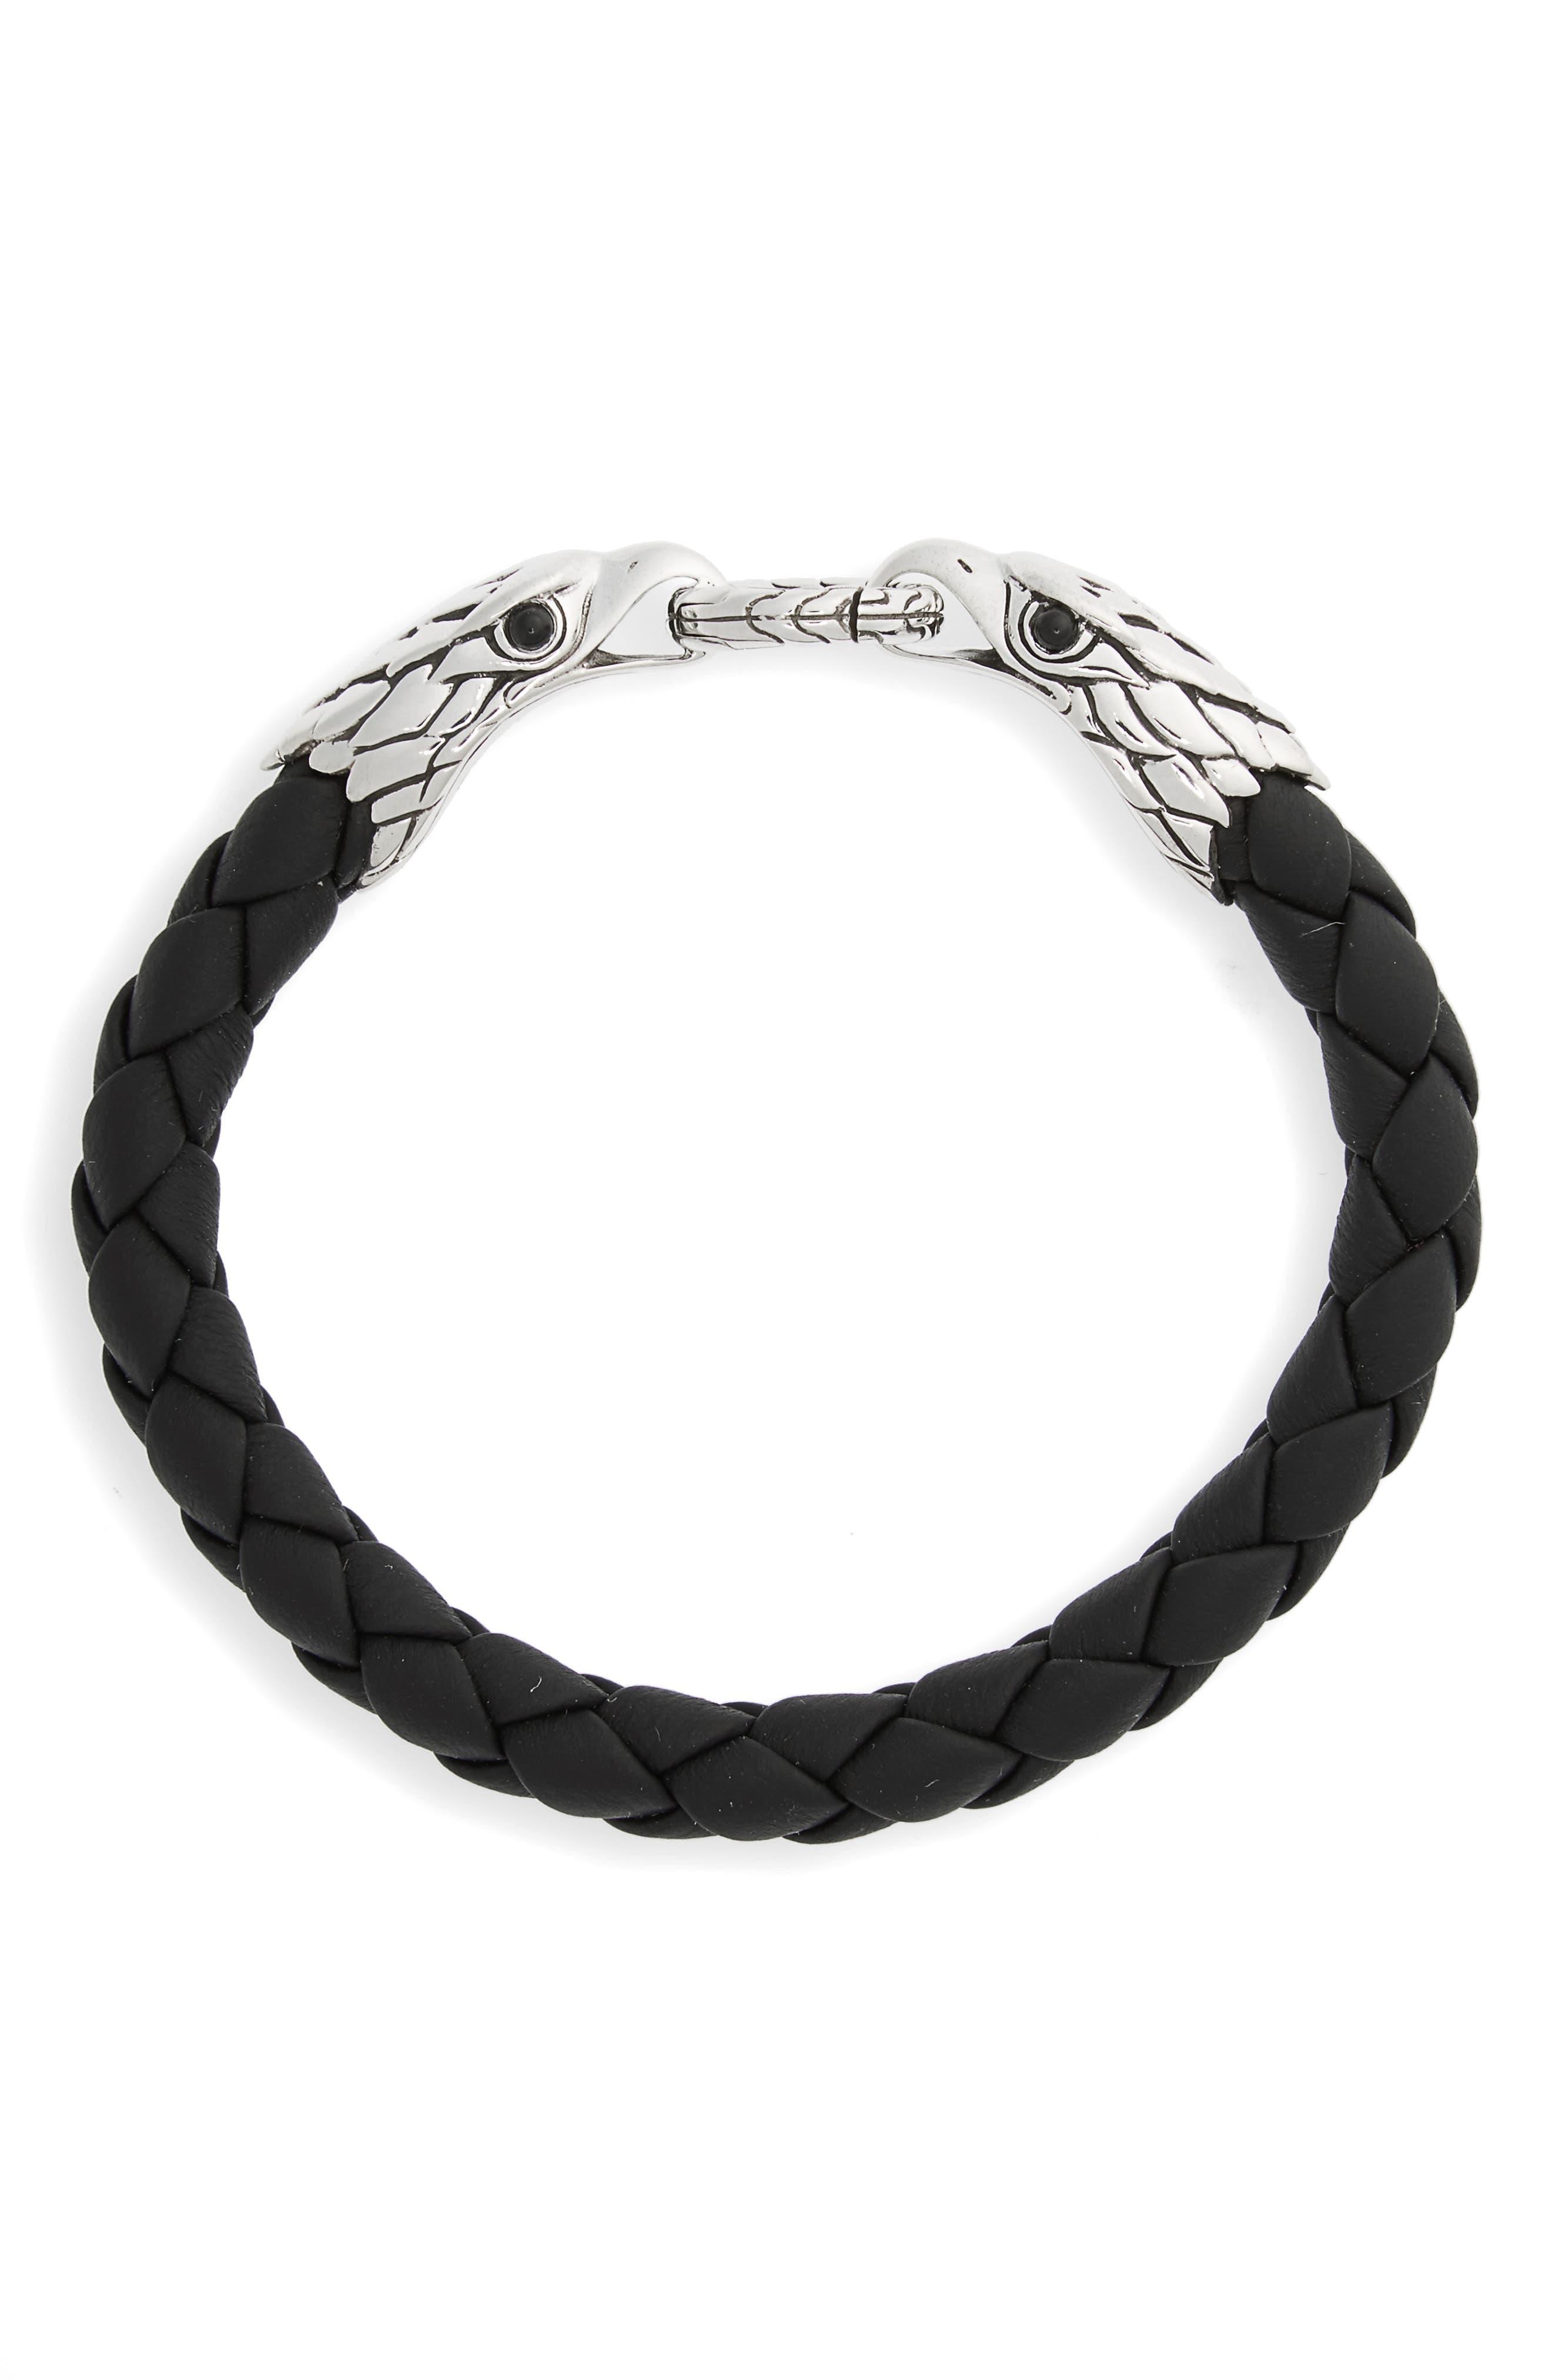 Legends Eagle Double Head Bracelet,                         Main,                         color, Silver/ Black